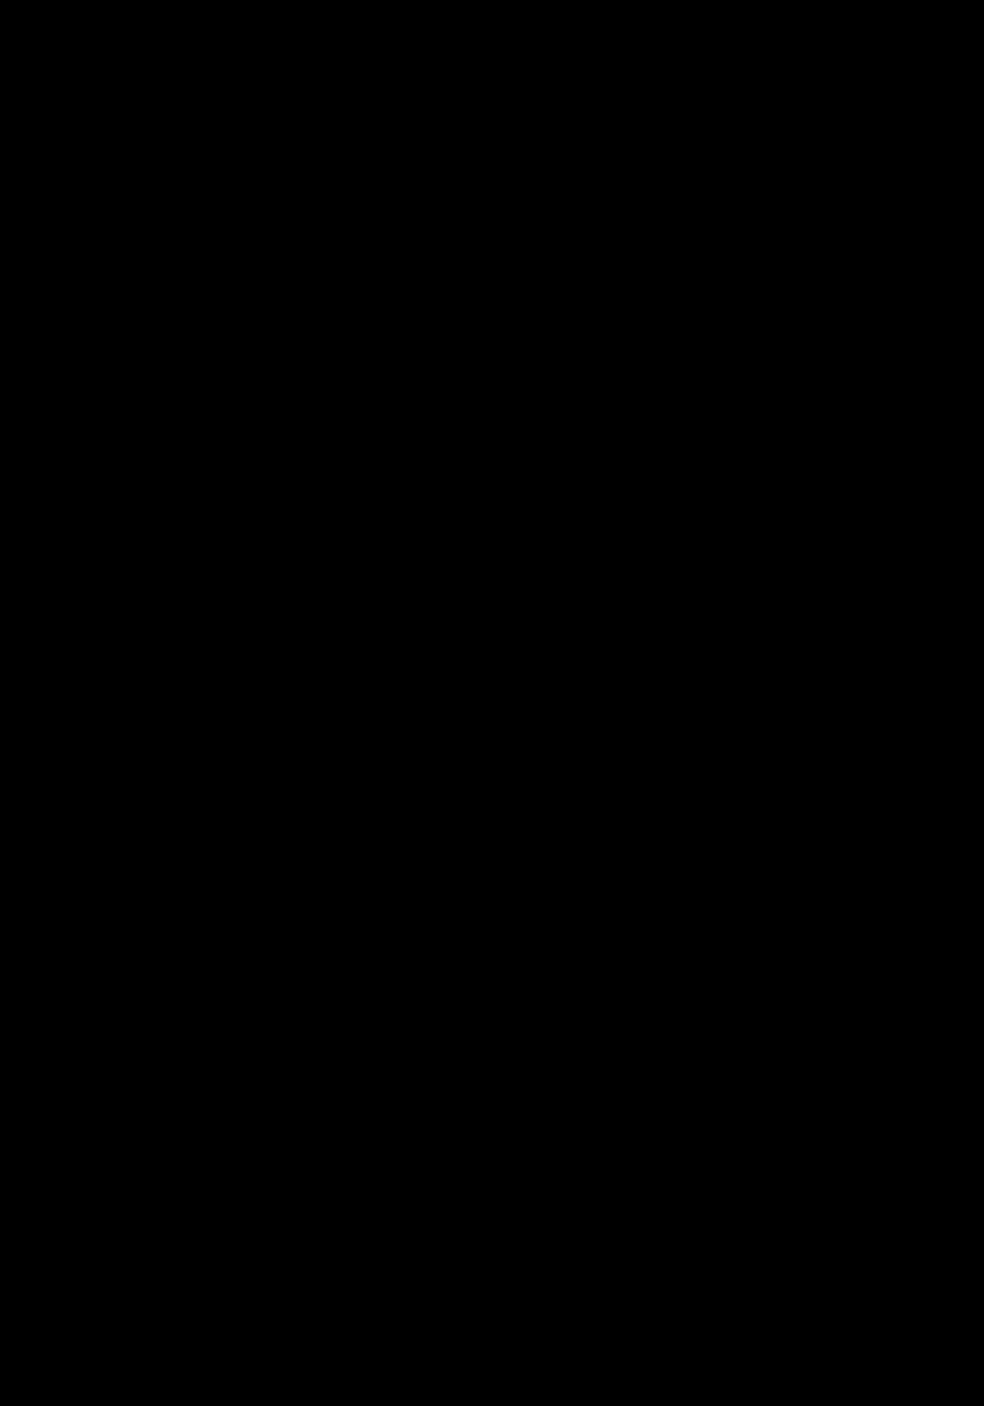 ナール D DNAR 横組見本